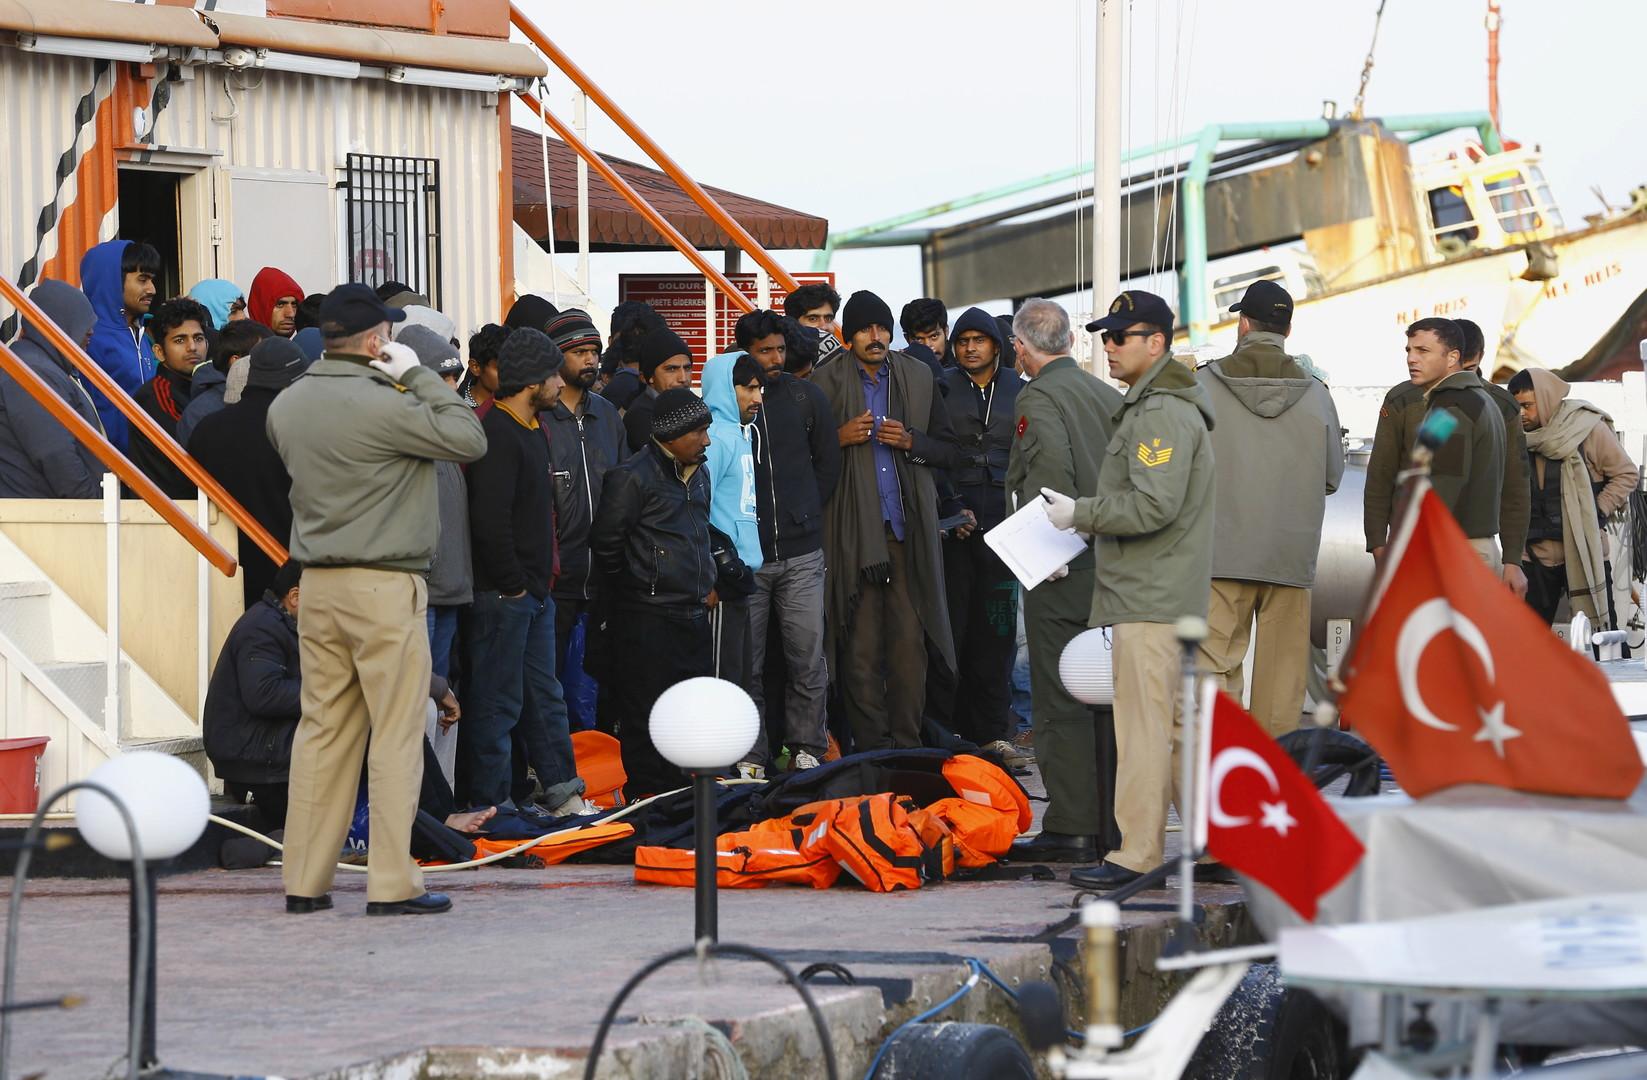 وزير الداخلية التركي: لو فتحتا حدودنا أمام المهاجرين لن تصمد حكومات أوروبا 6 أشهر!